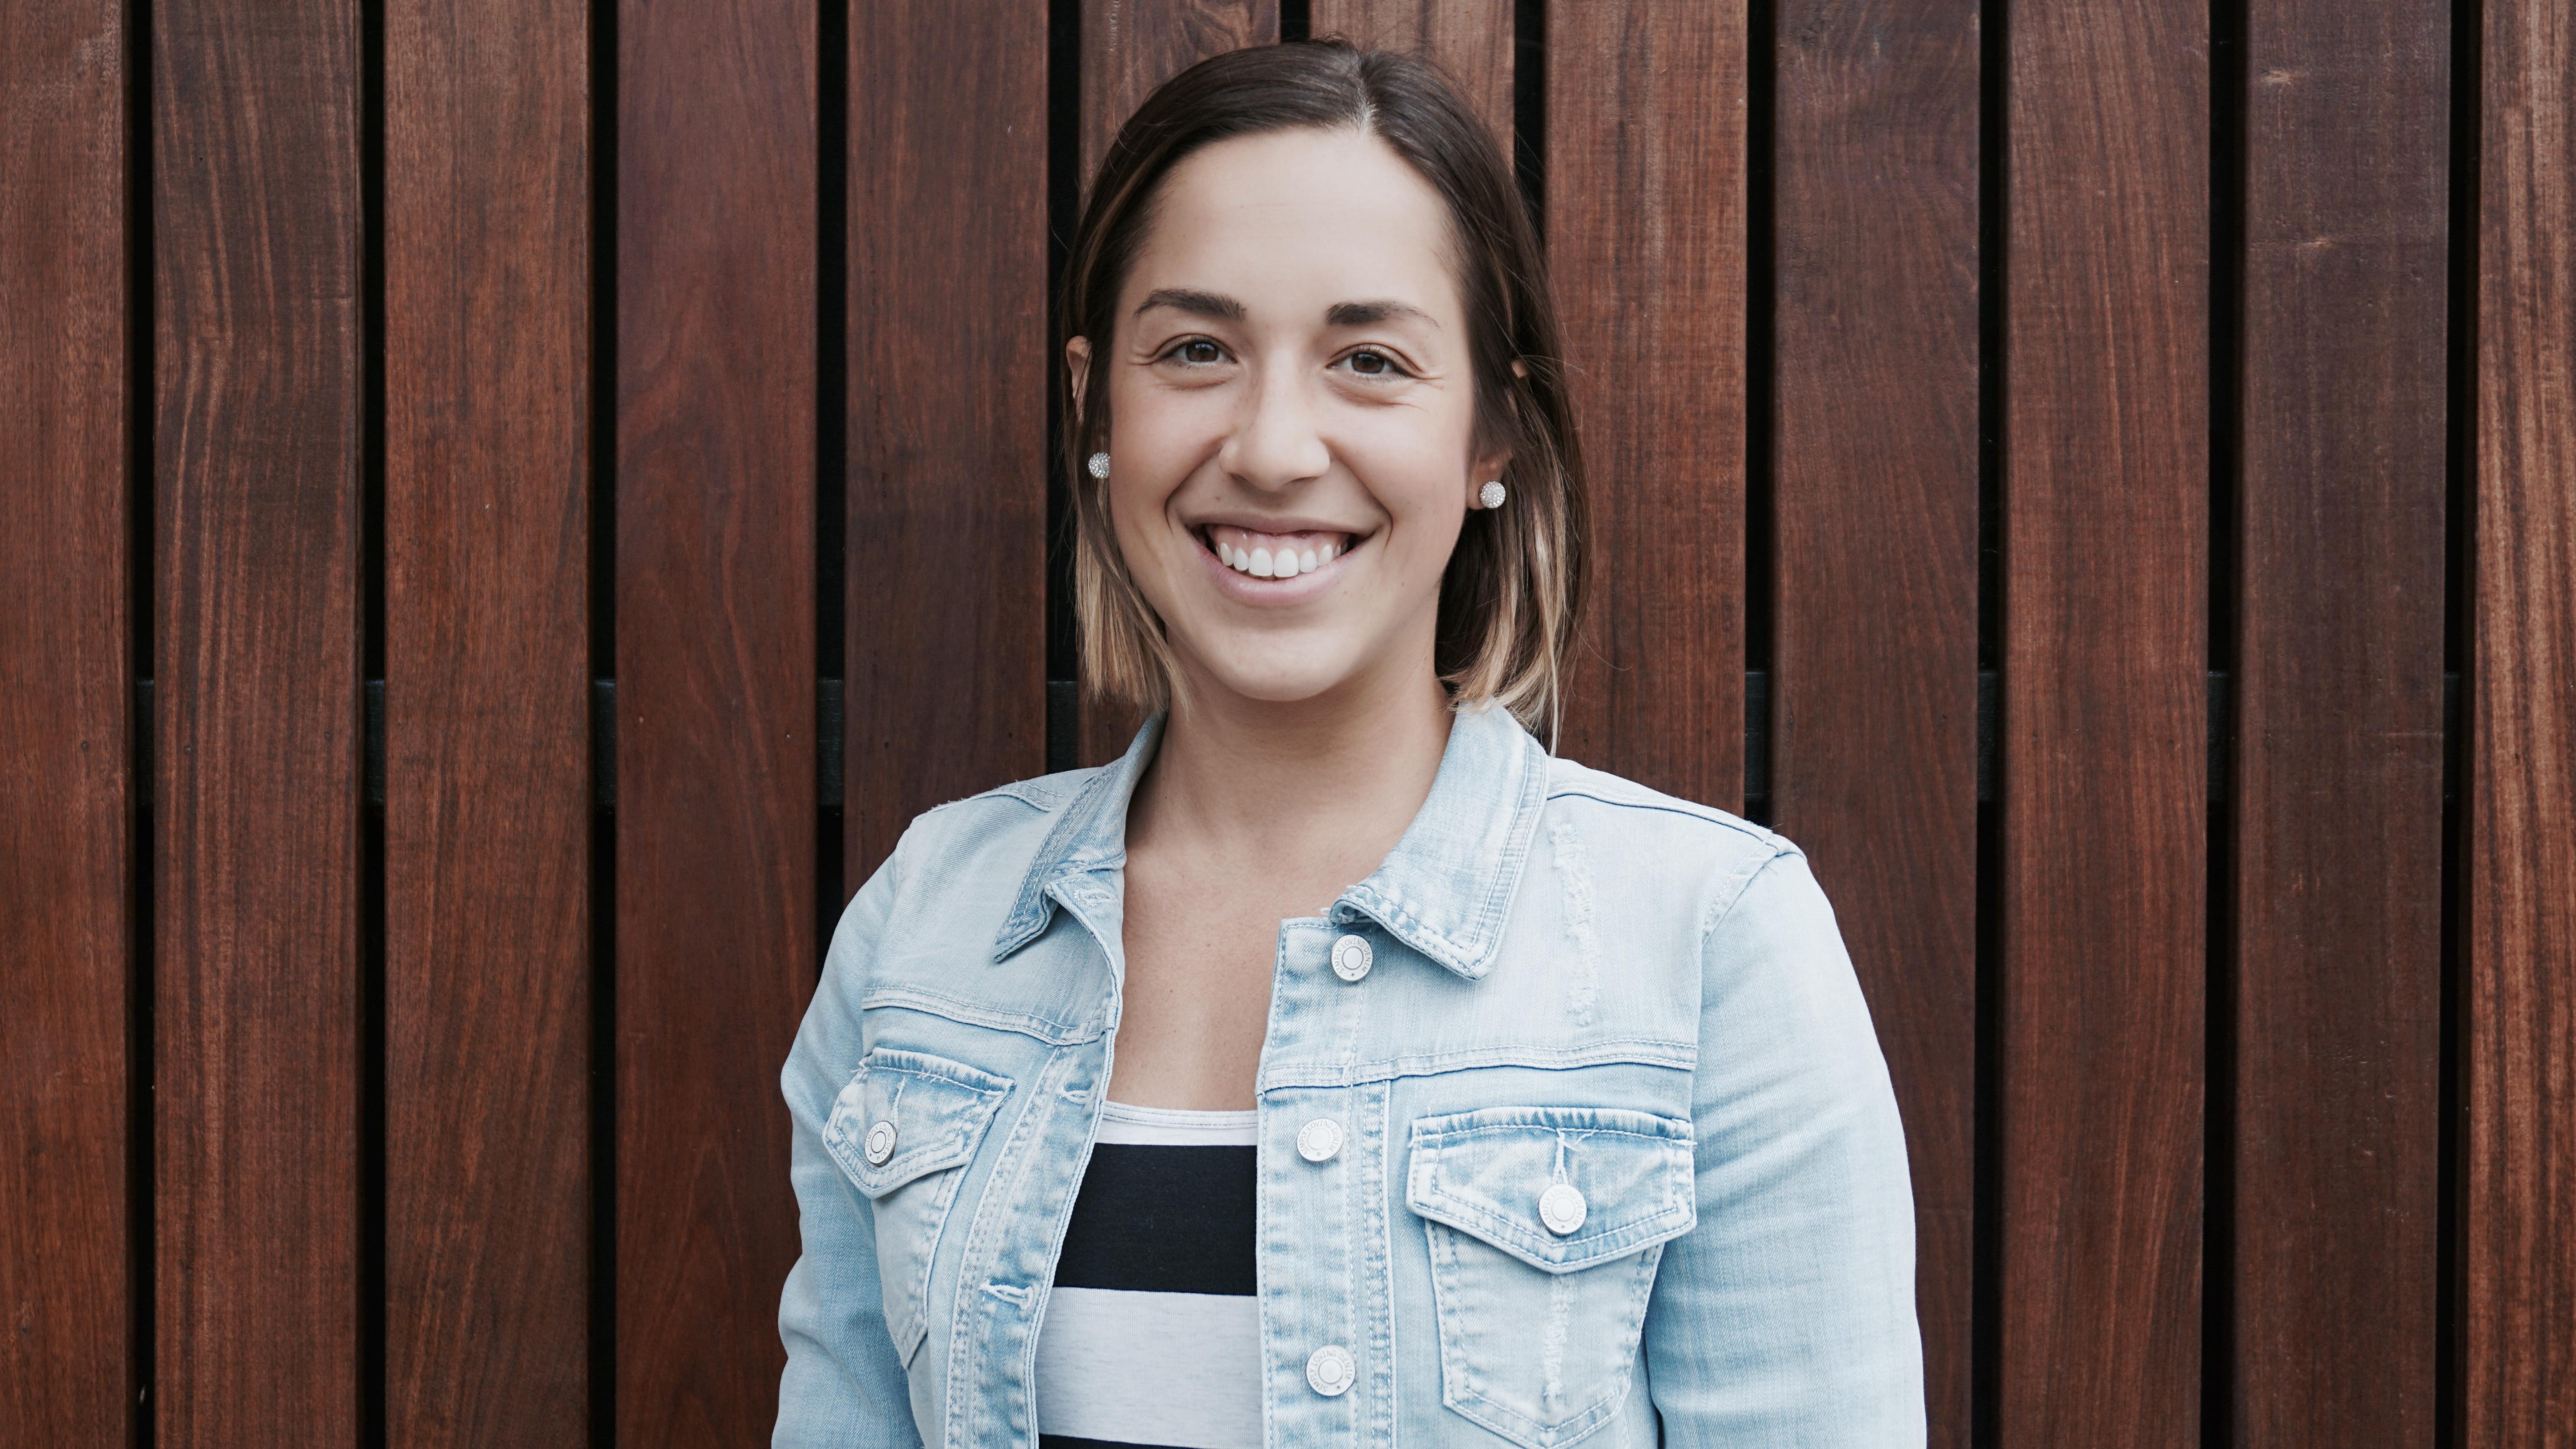 Entrevue avec Valérie Maltais : L'eau glacée elle s'y connait!